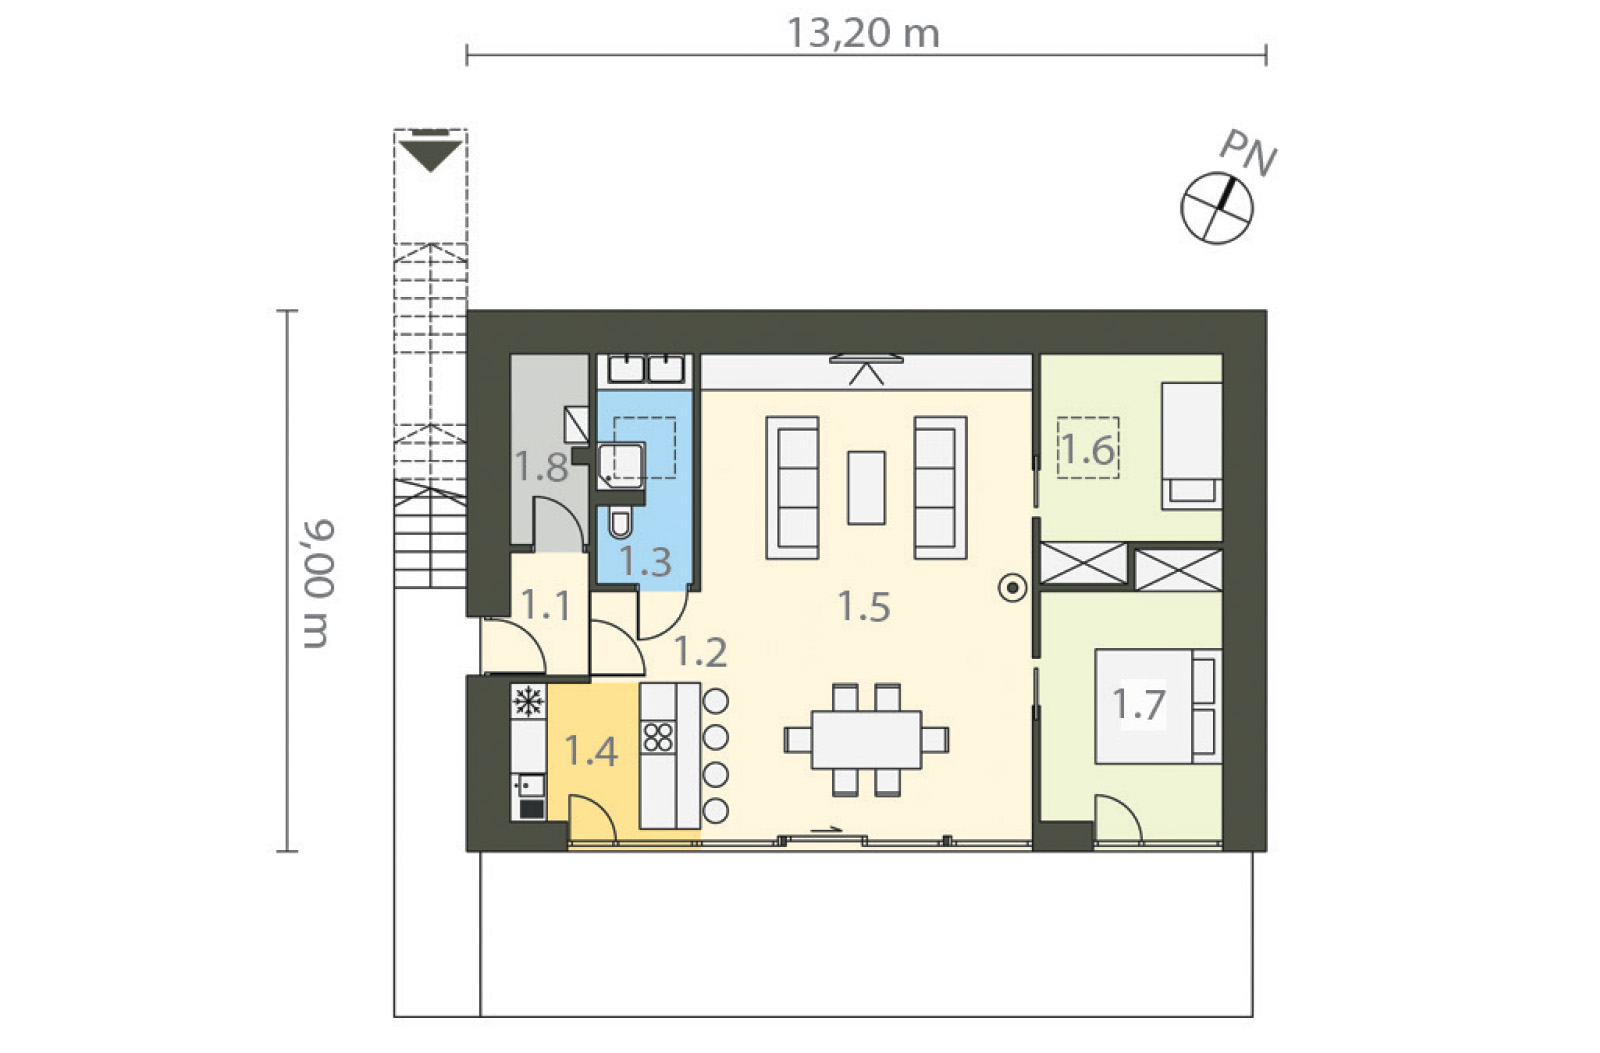 Projekt domu Z WIDOKIEM NA SŁOŃCE Domy Czystej Energii rzut parteru